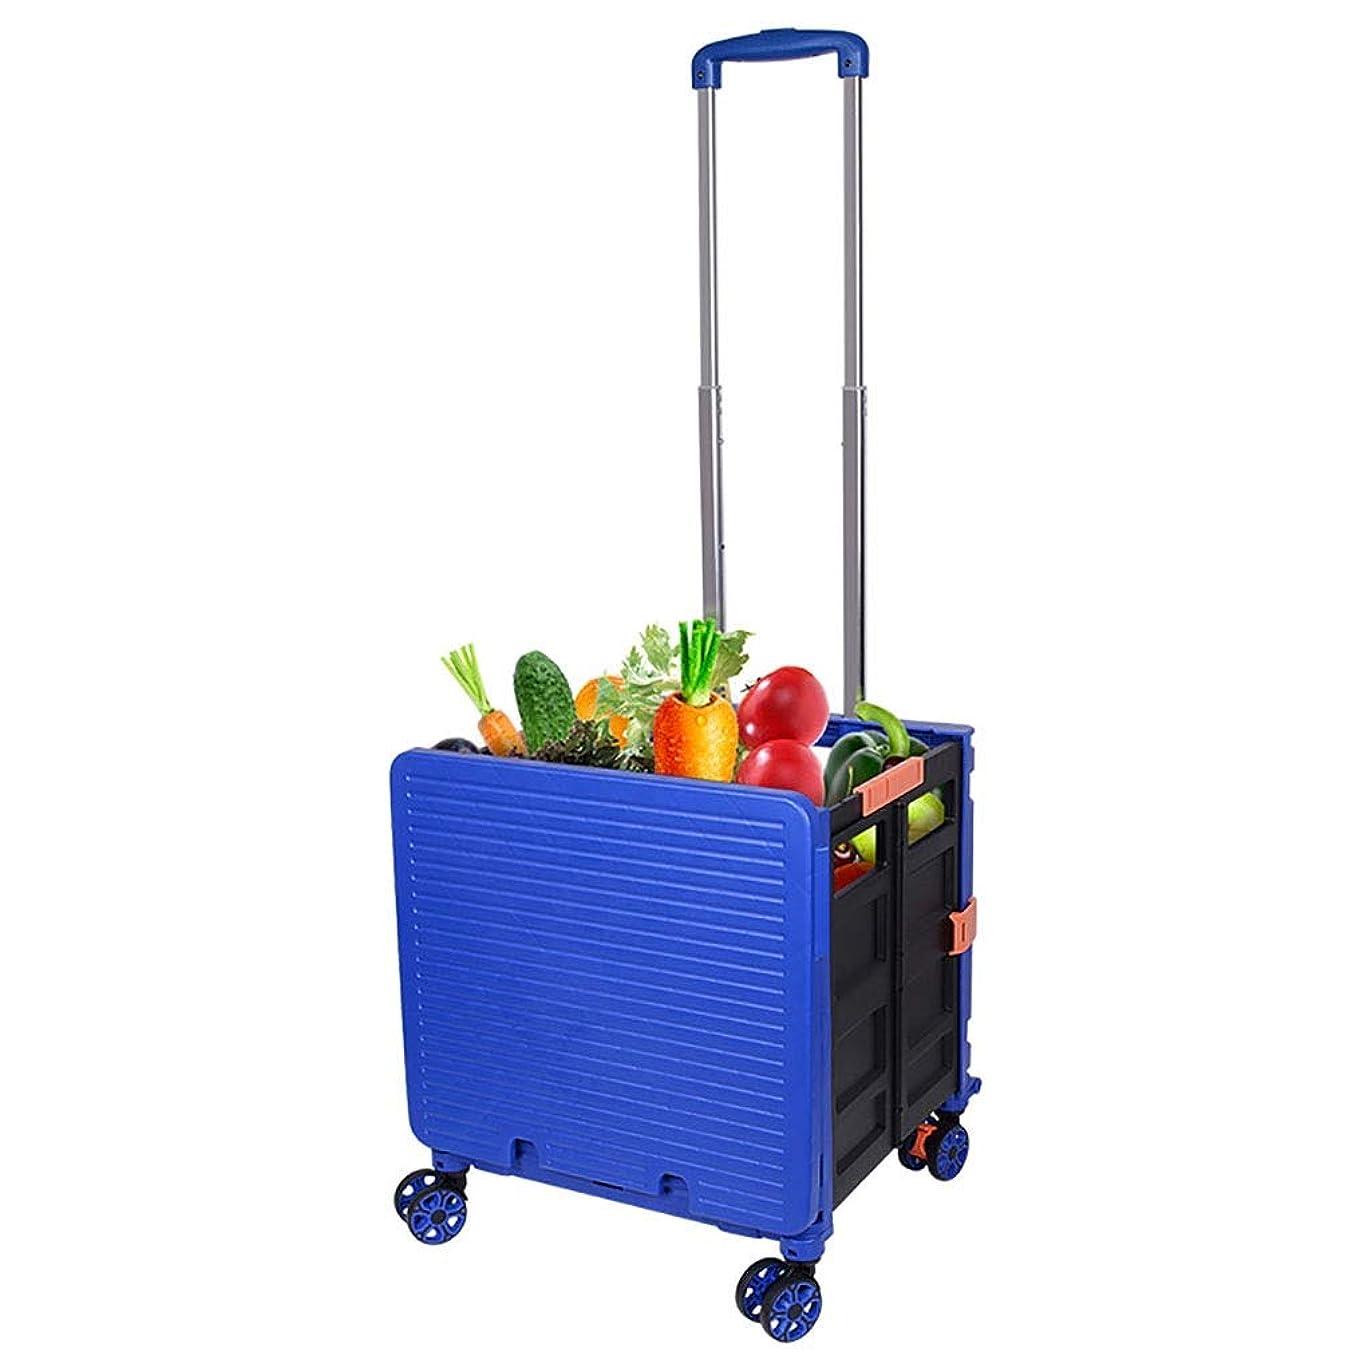 規模カメ束ねるDLYDSS 折りたたみトロリーユニバーサルホイール付きポータブルハンドトラック荷物カートショッピングカート-4色から選択-移動用品およびショッピング用容量40L (Color : Blue)